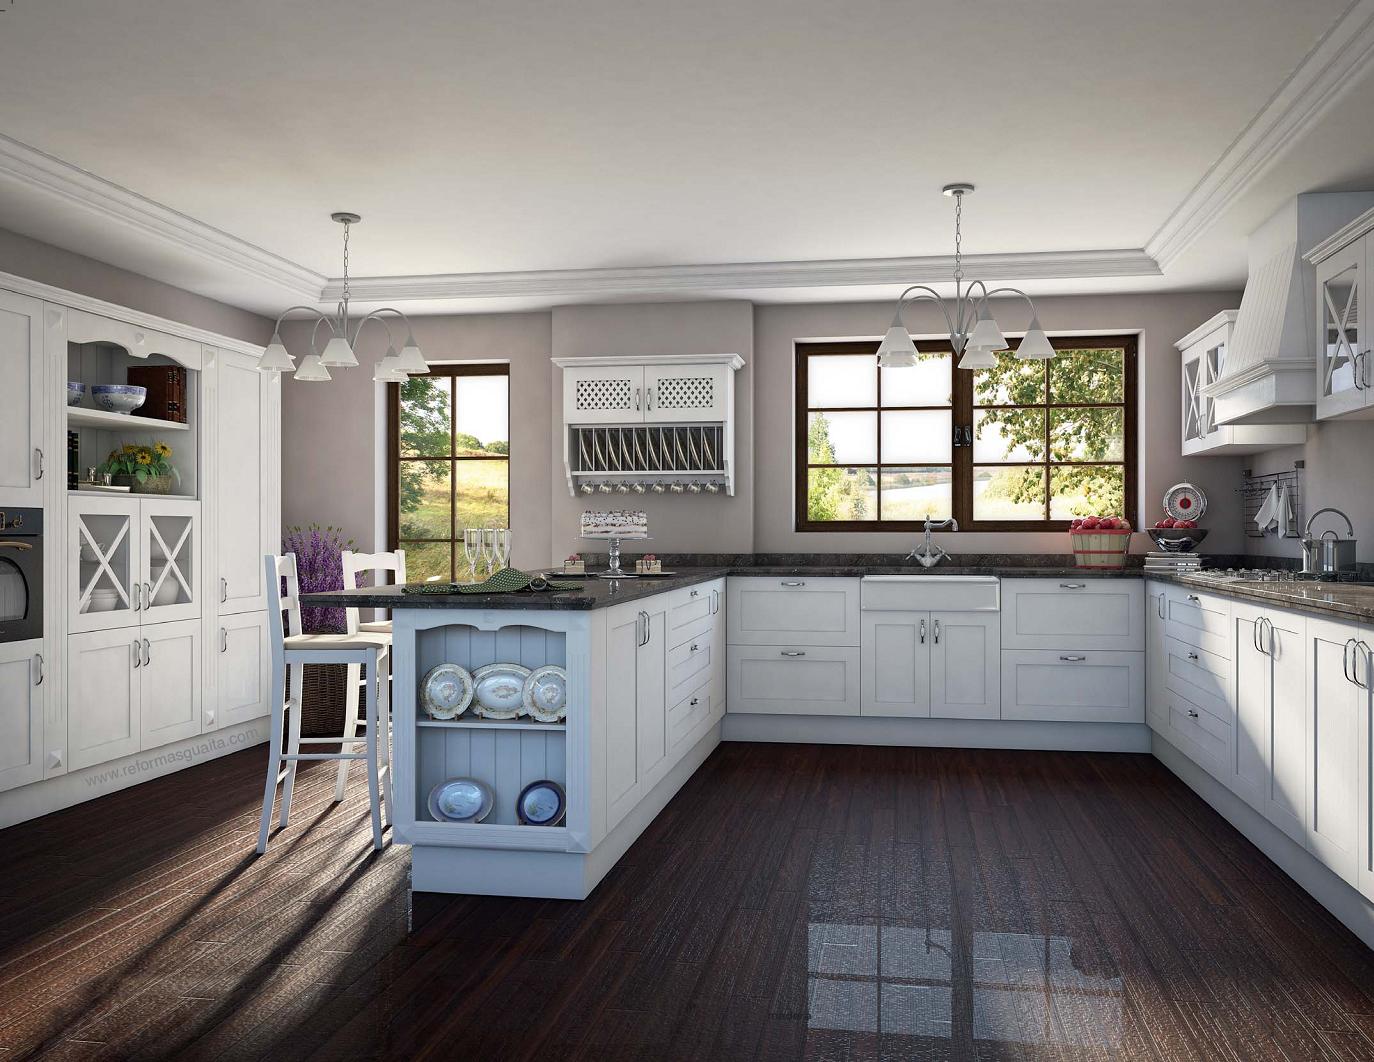 Cocinas rusticas en blanco cool bonita cocina estilo - Cocinas blancas rusticas ...